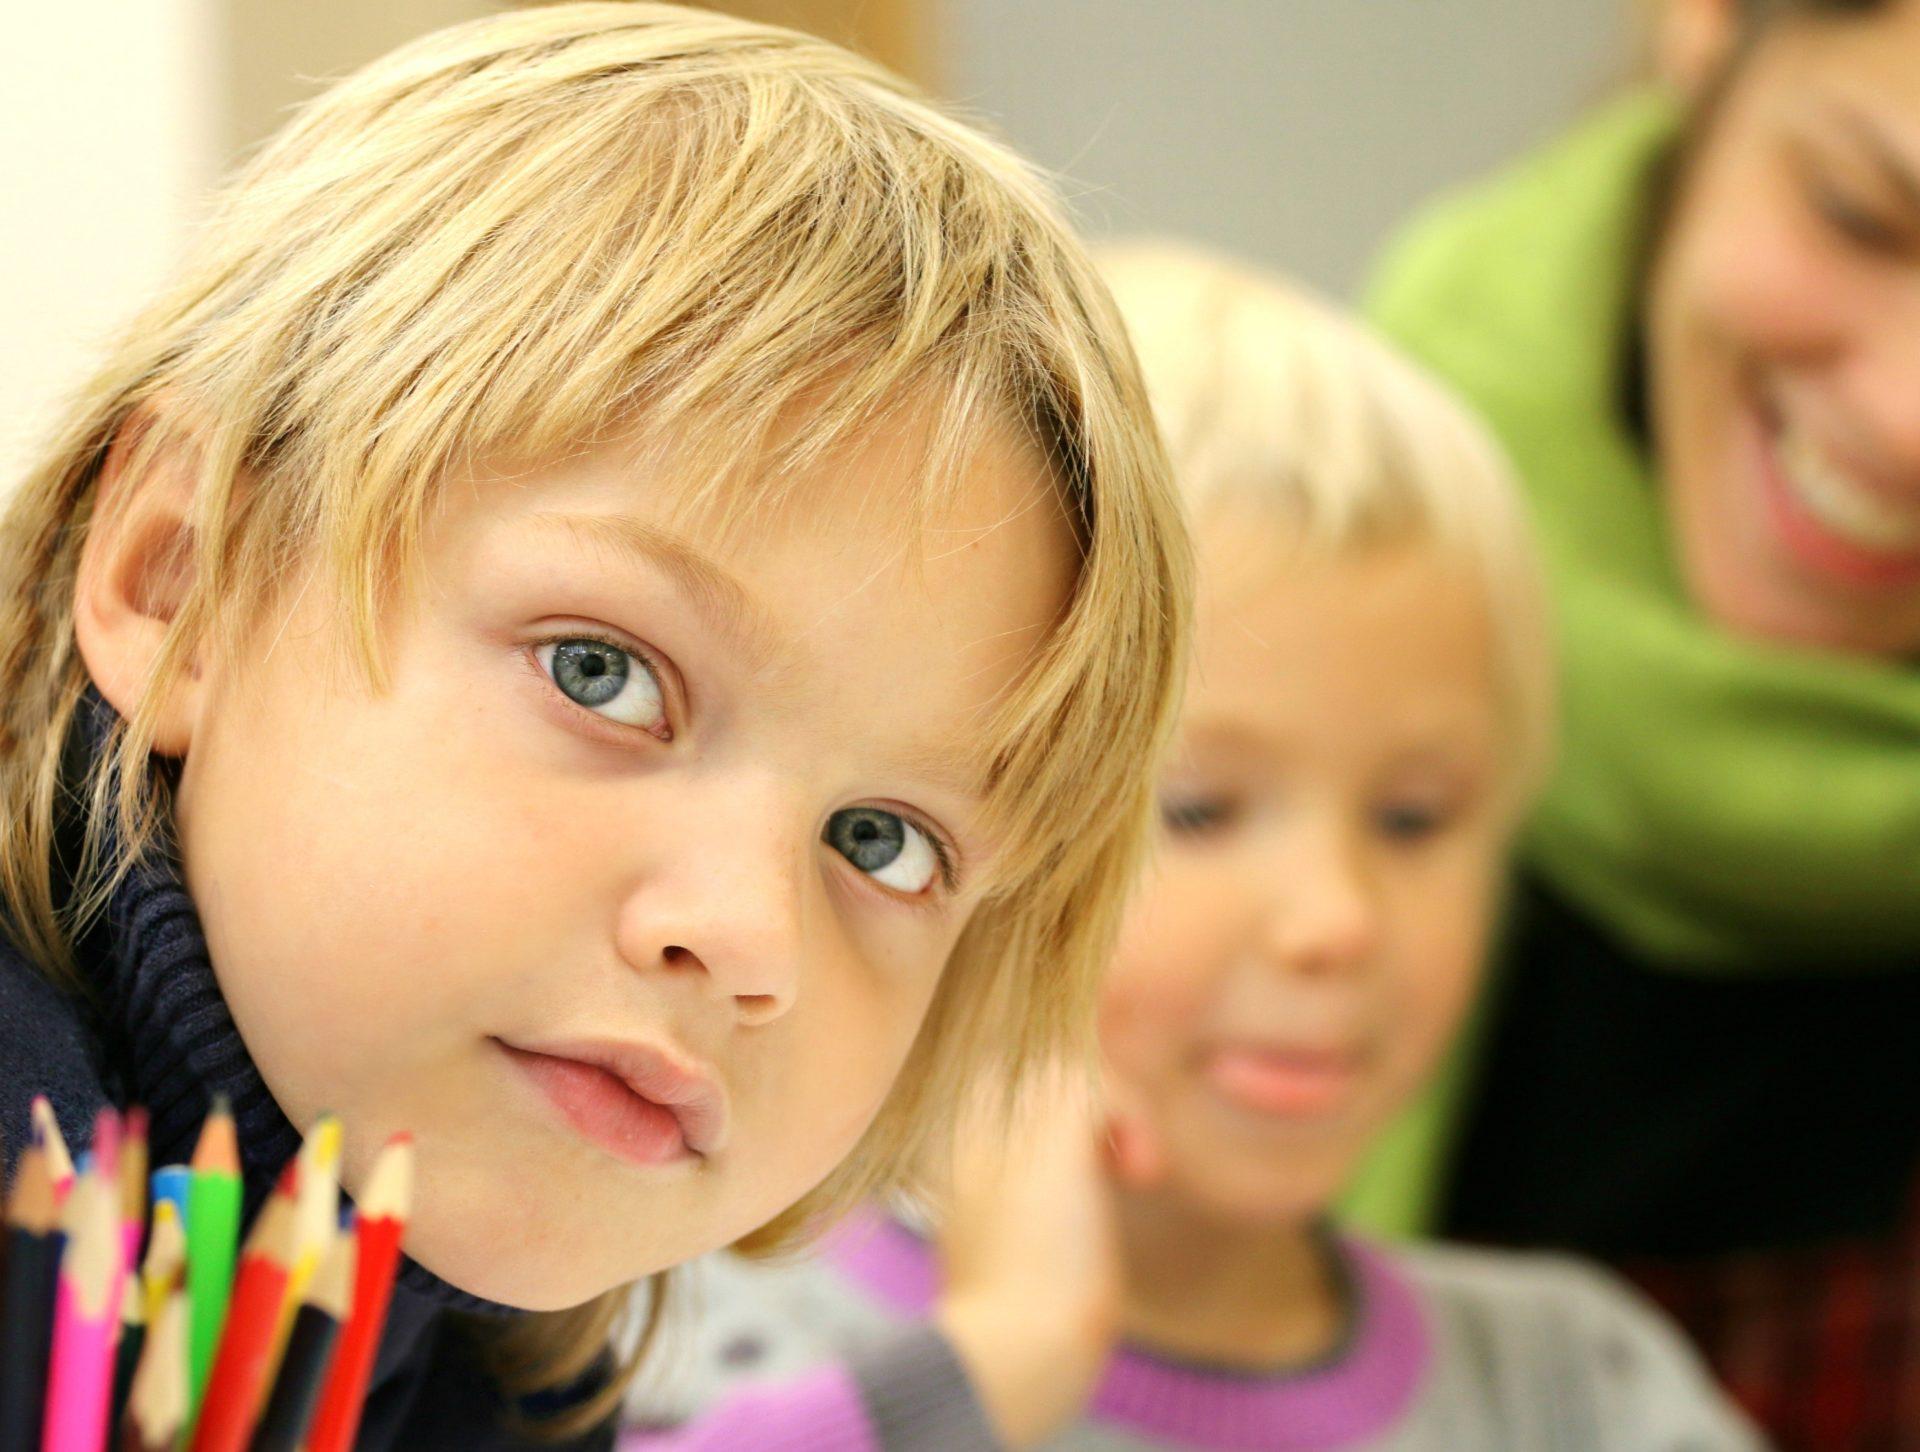 Ученые отметили риск дальнейшего течения коронавируса для детей